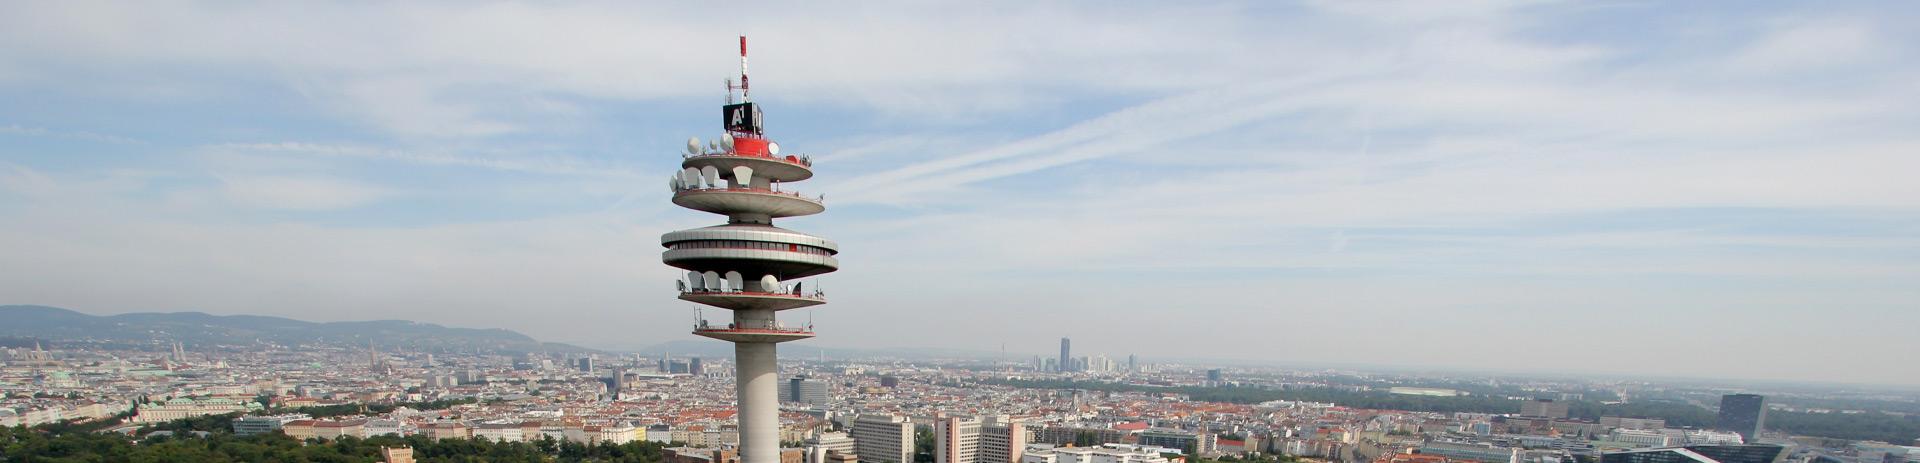 Panomarabild von Wien; im Vordergrund sieht man den Turm des Arsenals